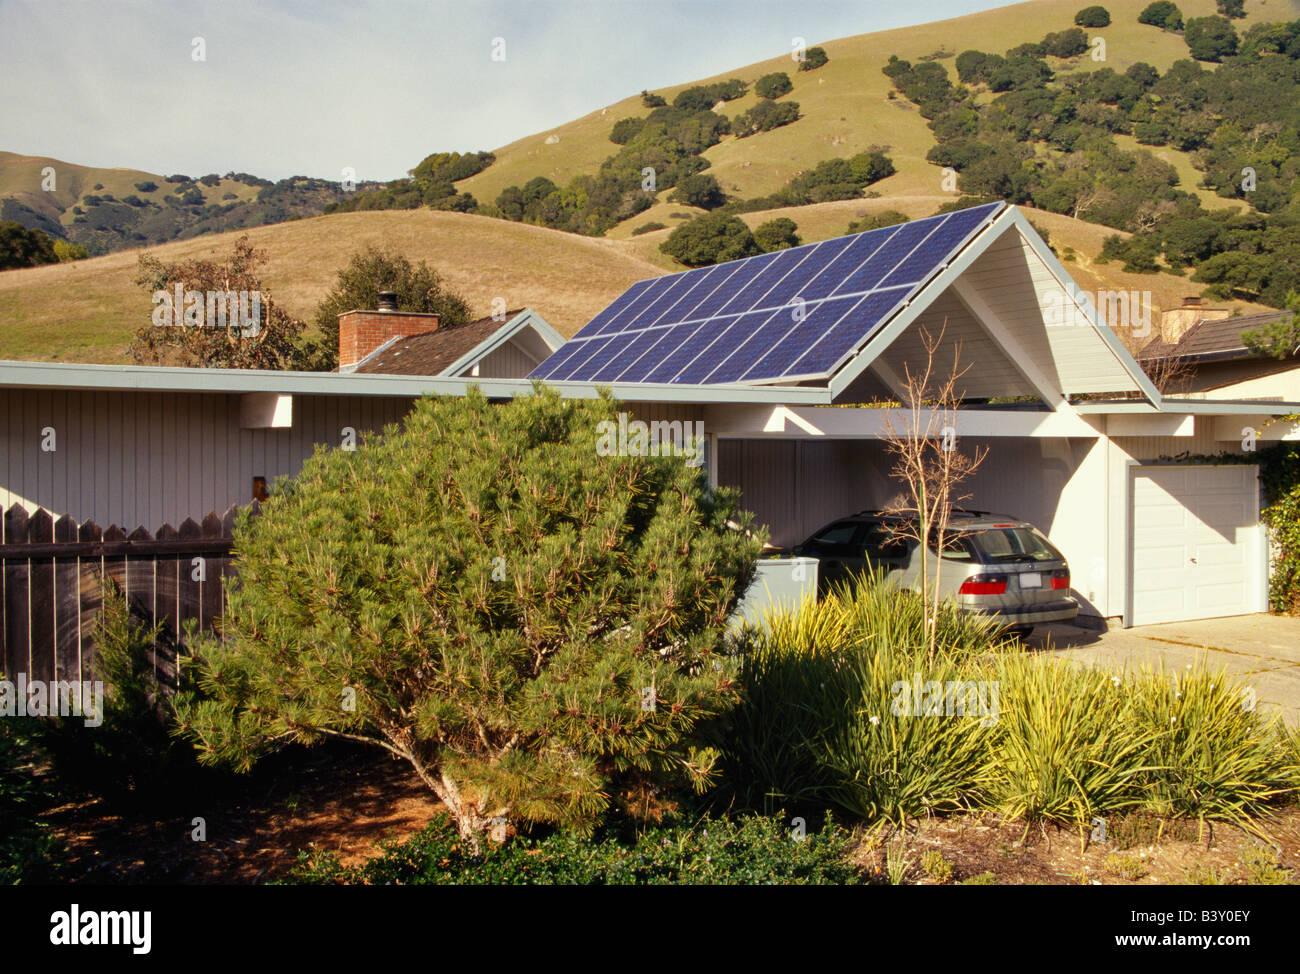 Solarzellen am Dach. Stockbild